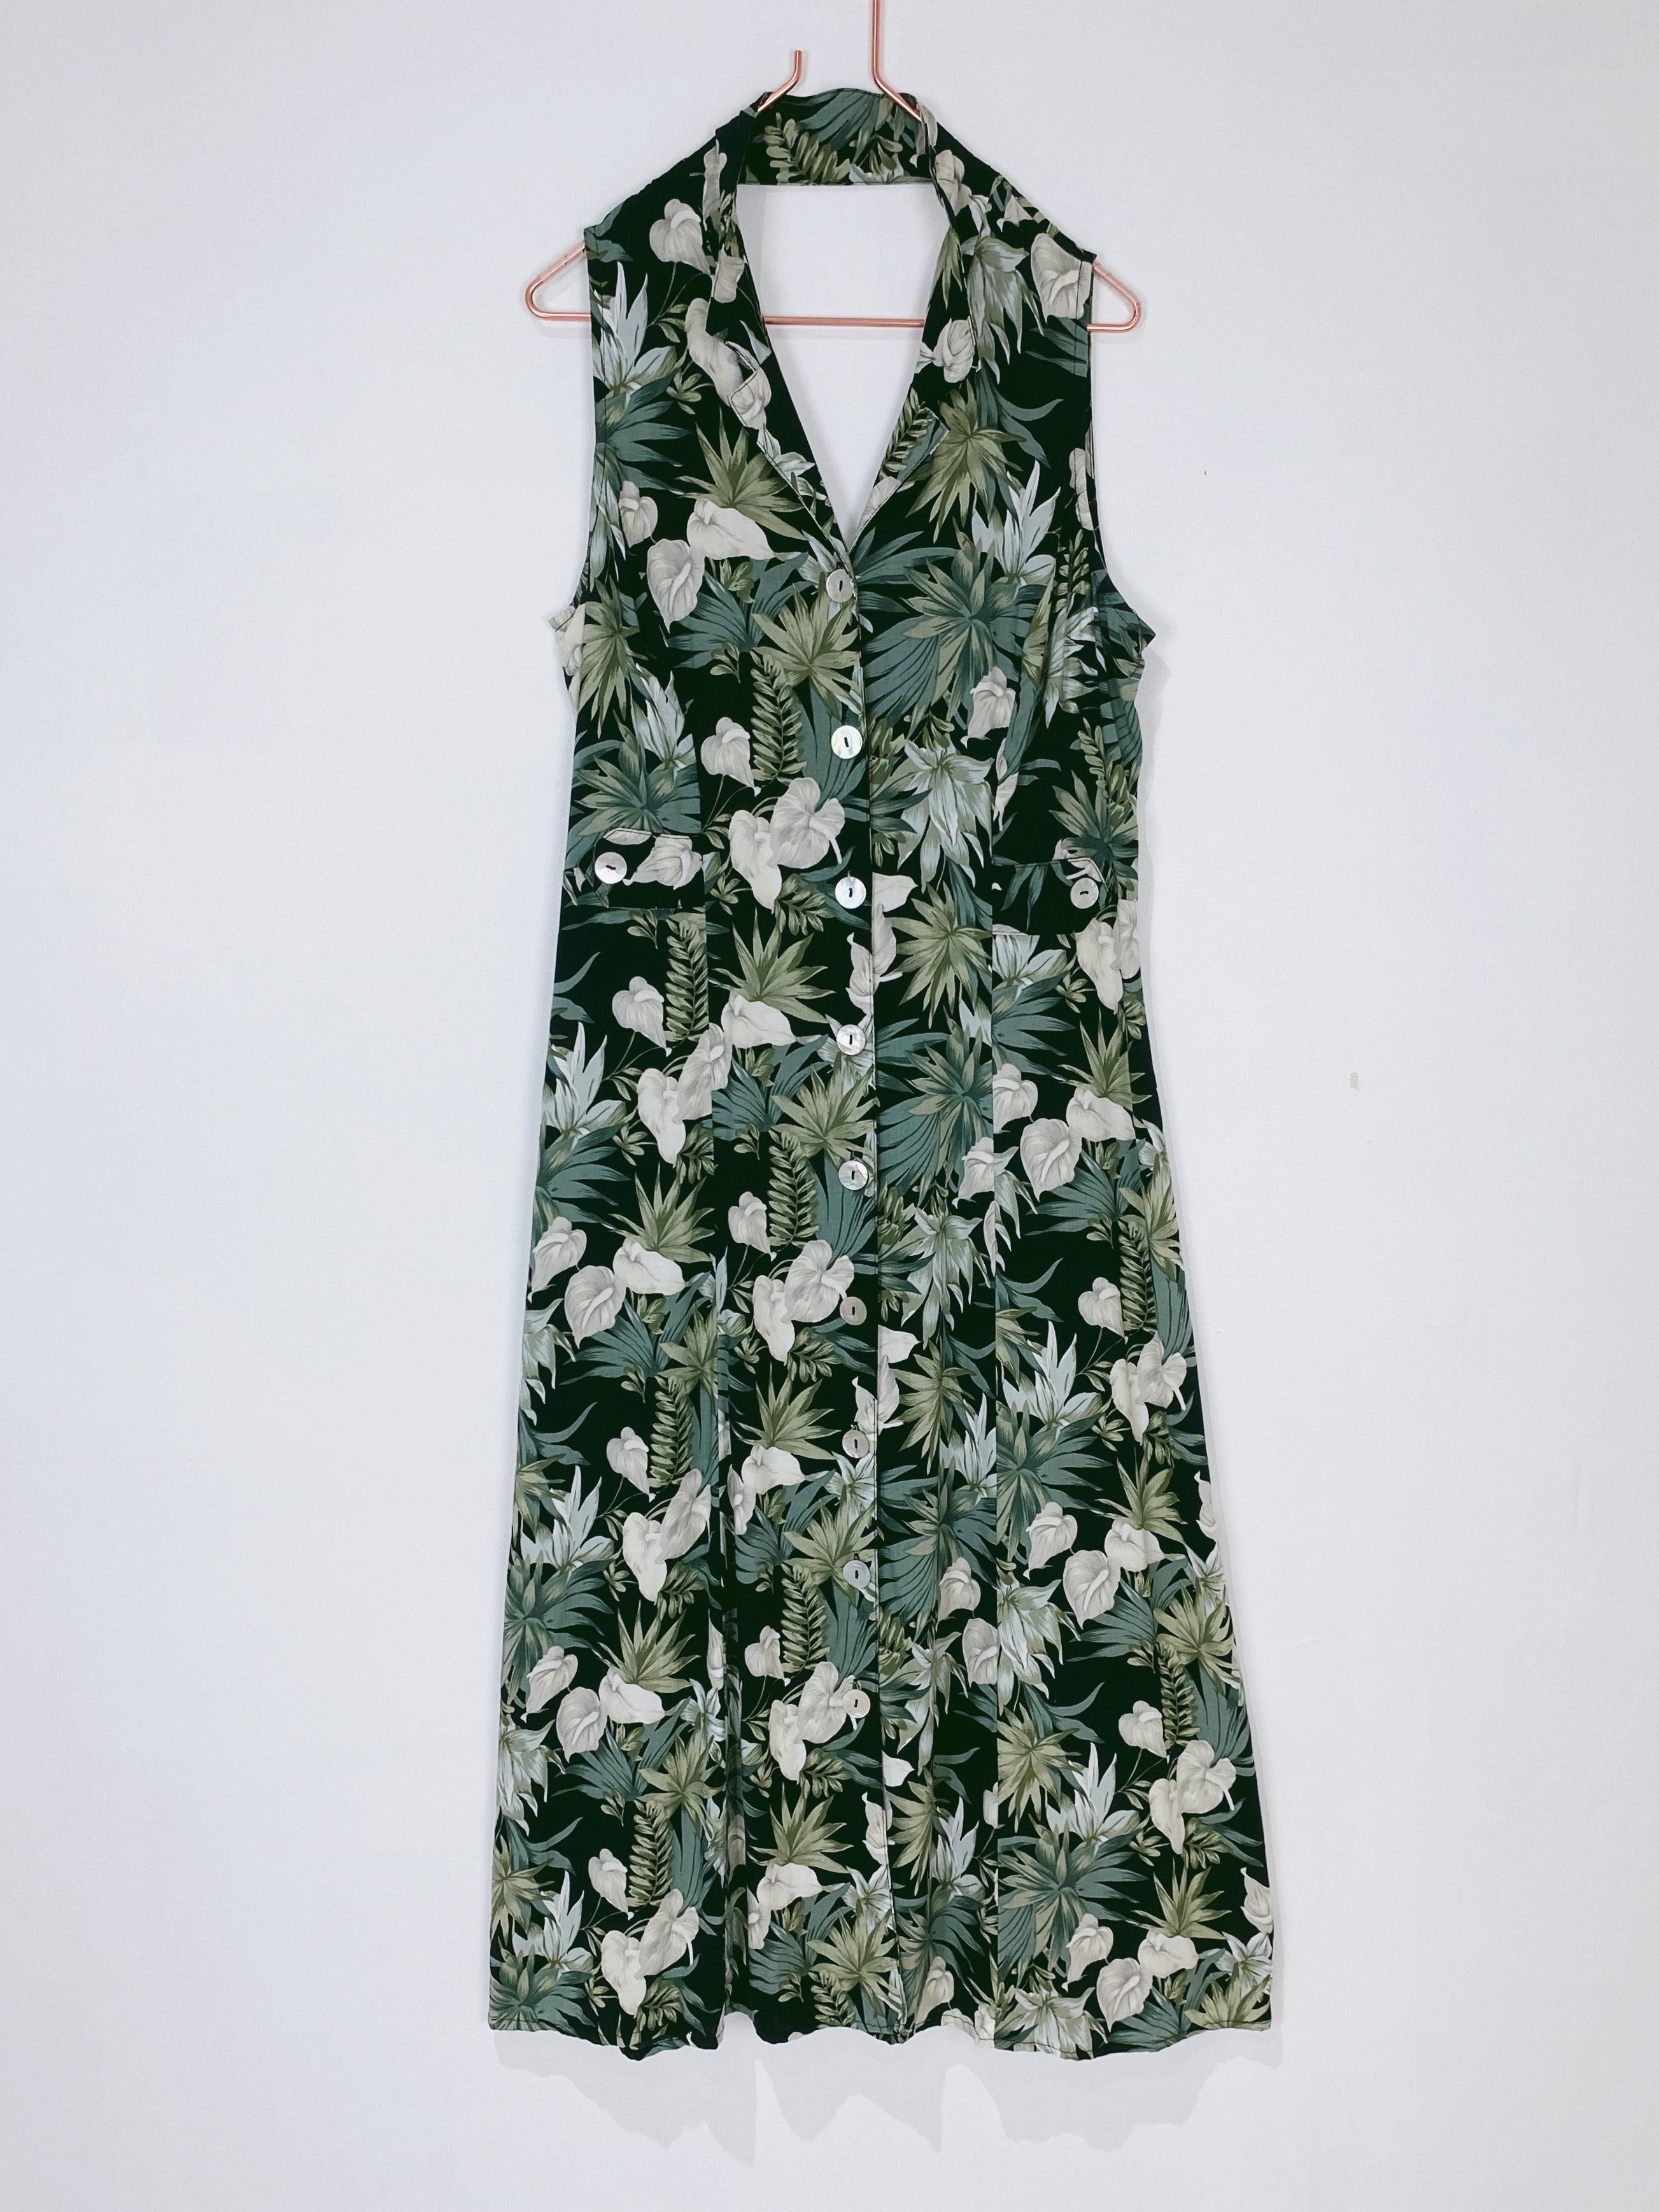 ◼︎90s botanical flower shell button maxi dress from U.S.A◼︎